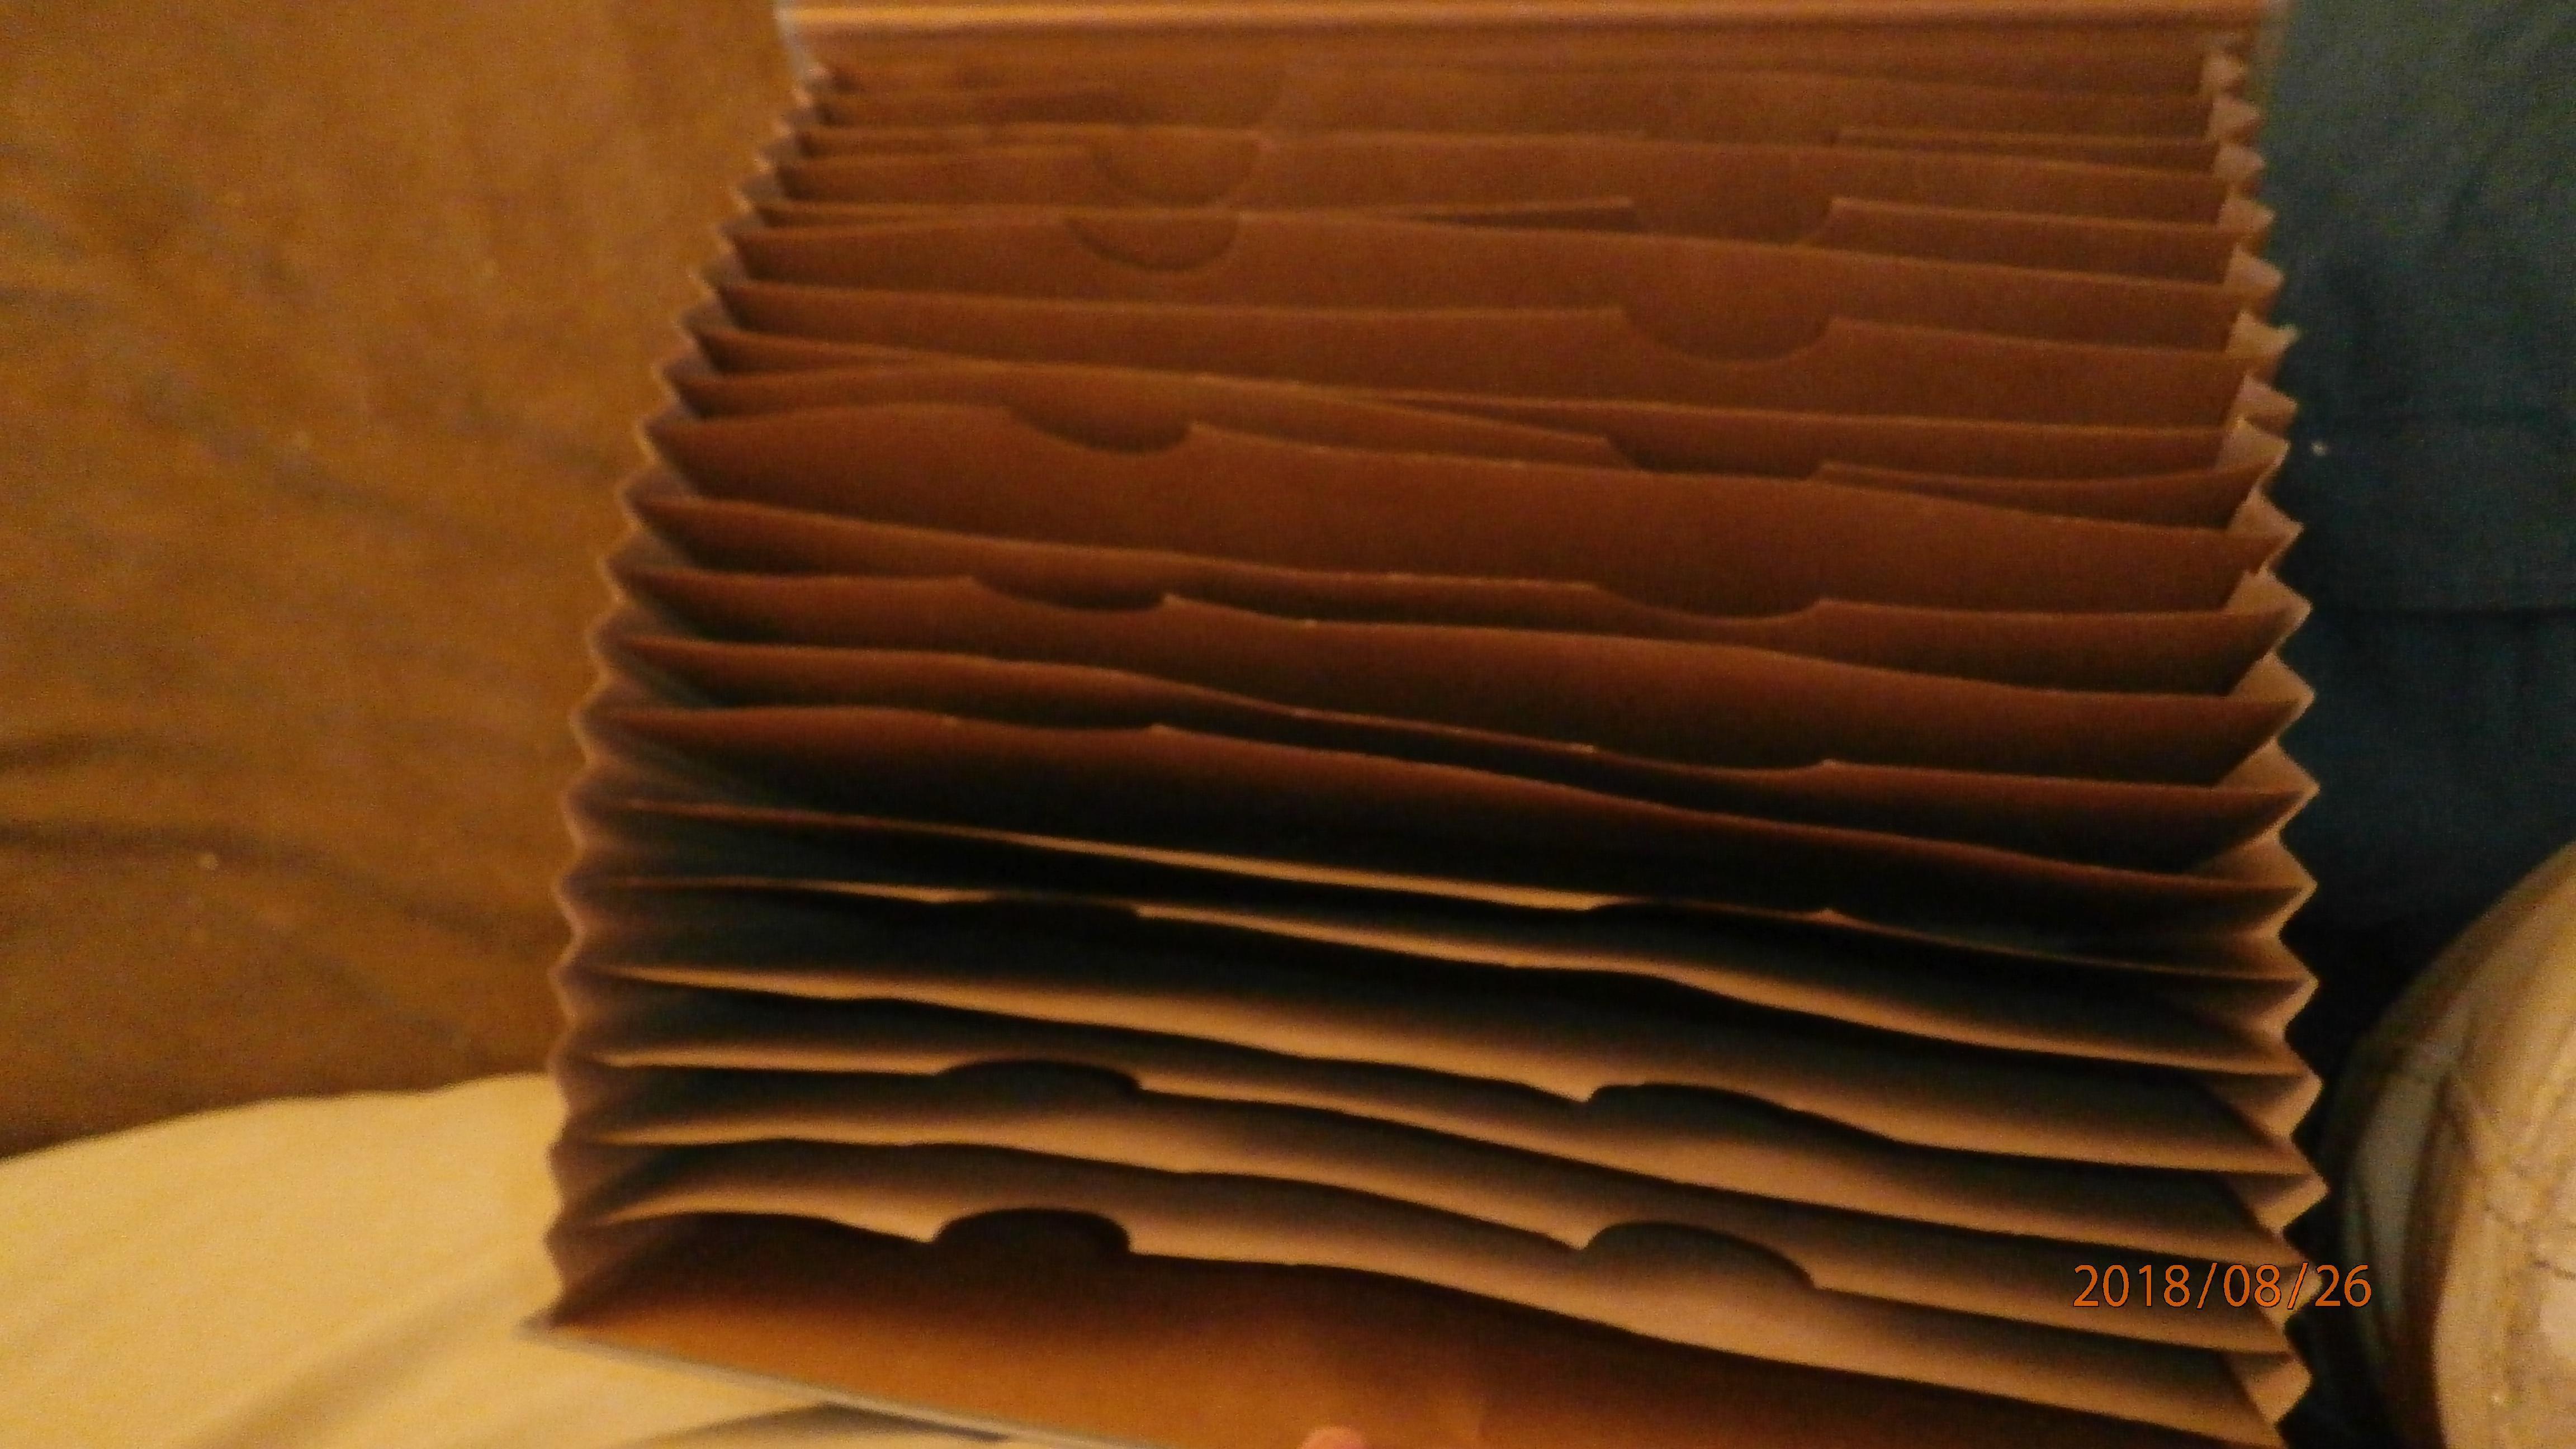 troc de troc range documents / trieur image 1